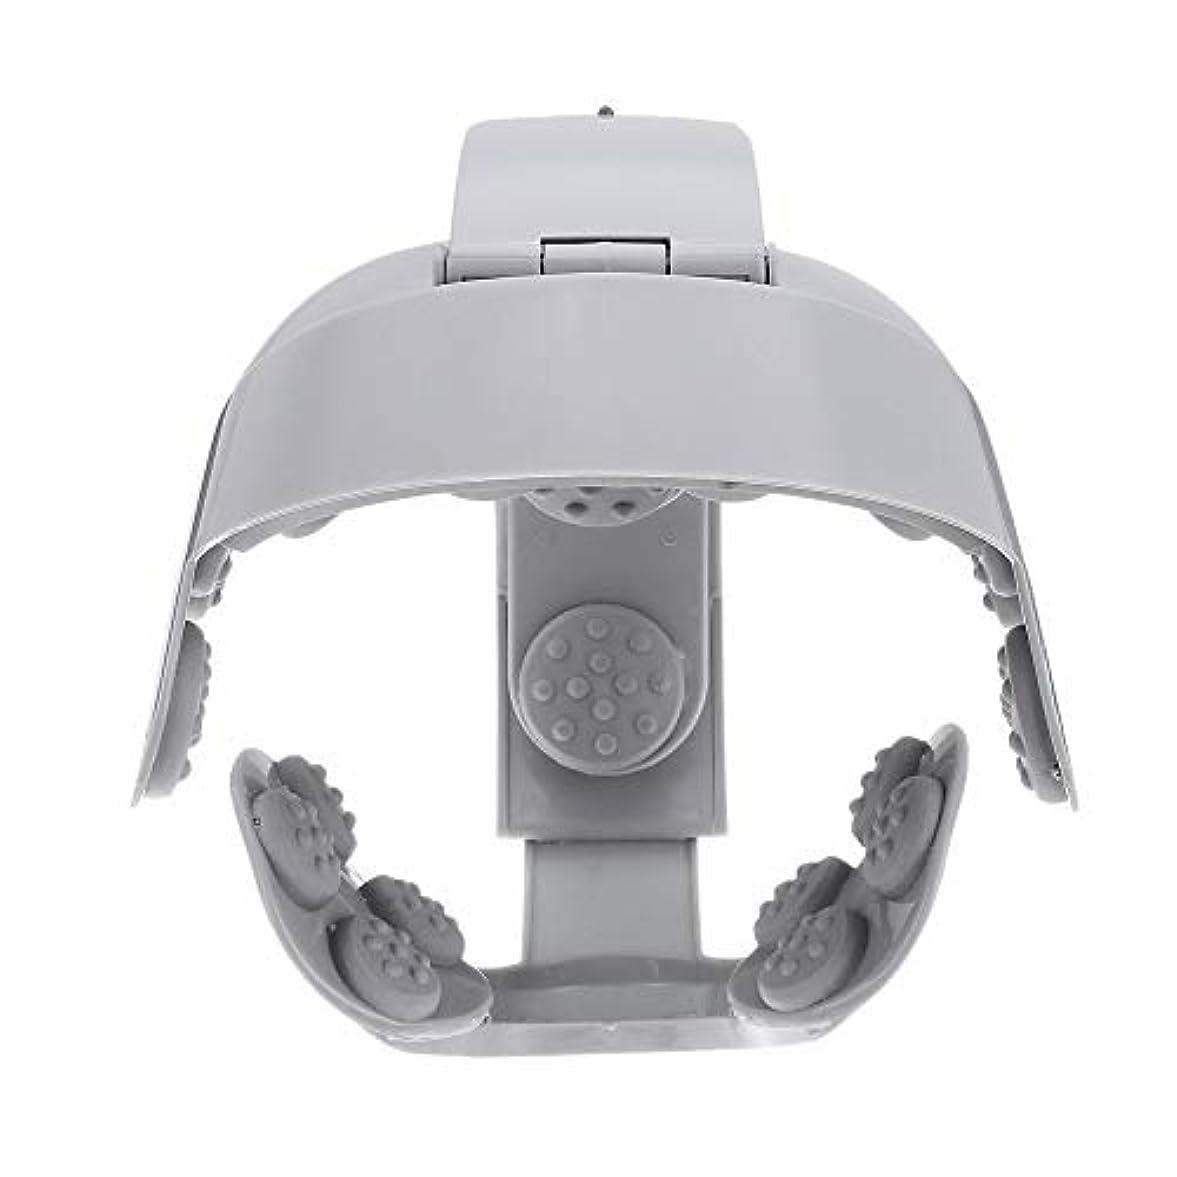 パノラマ迷路補償ACAMPTAR ヘッドバイブレーションマッサージ イージーブレインマッサージ 電動ヘッドマッサージ リラックス脳鍼ポイントストレスリリースマシン